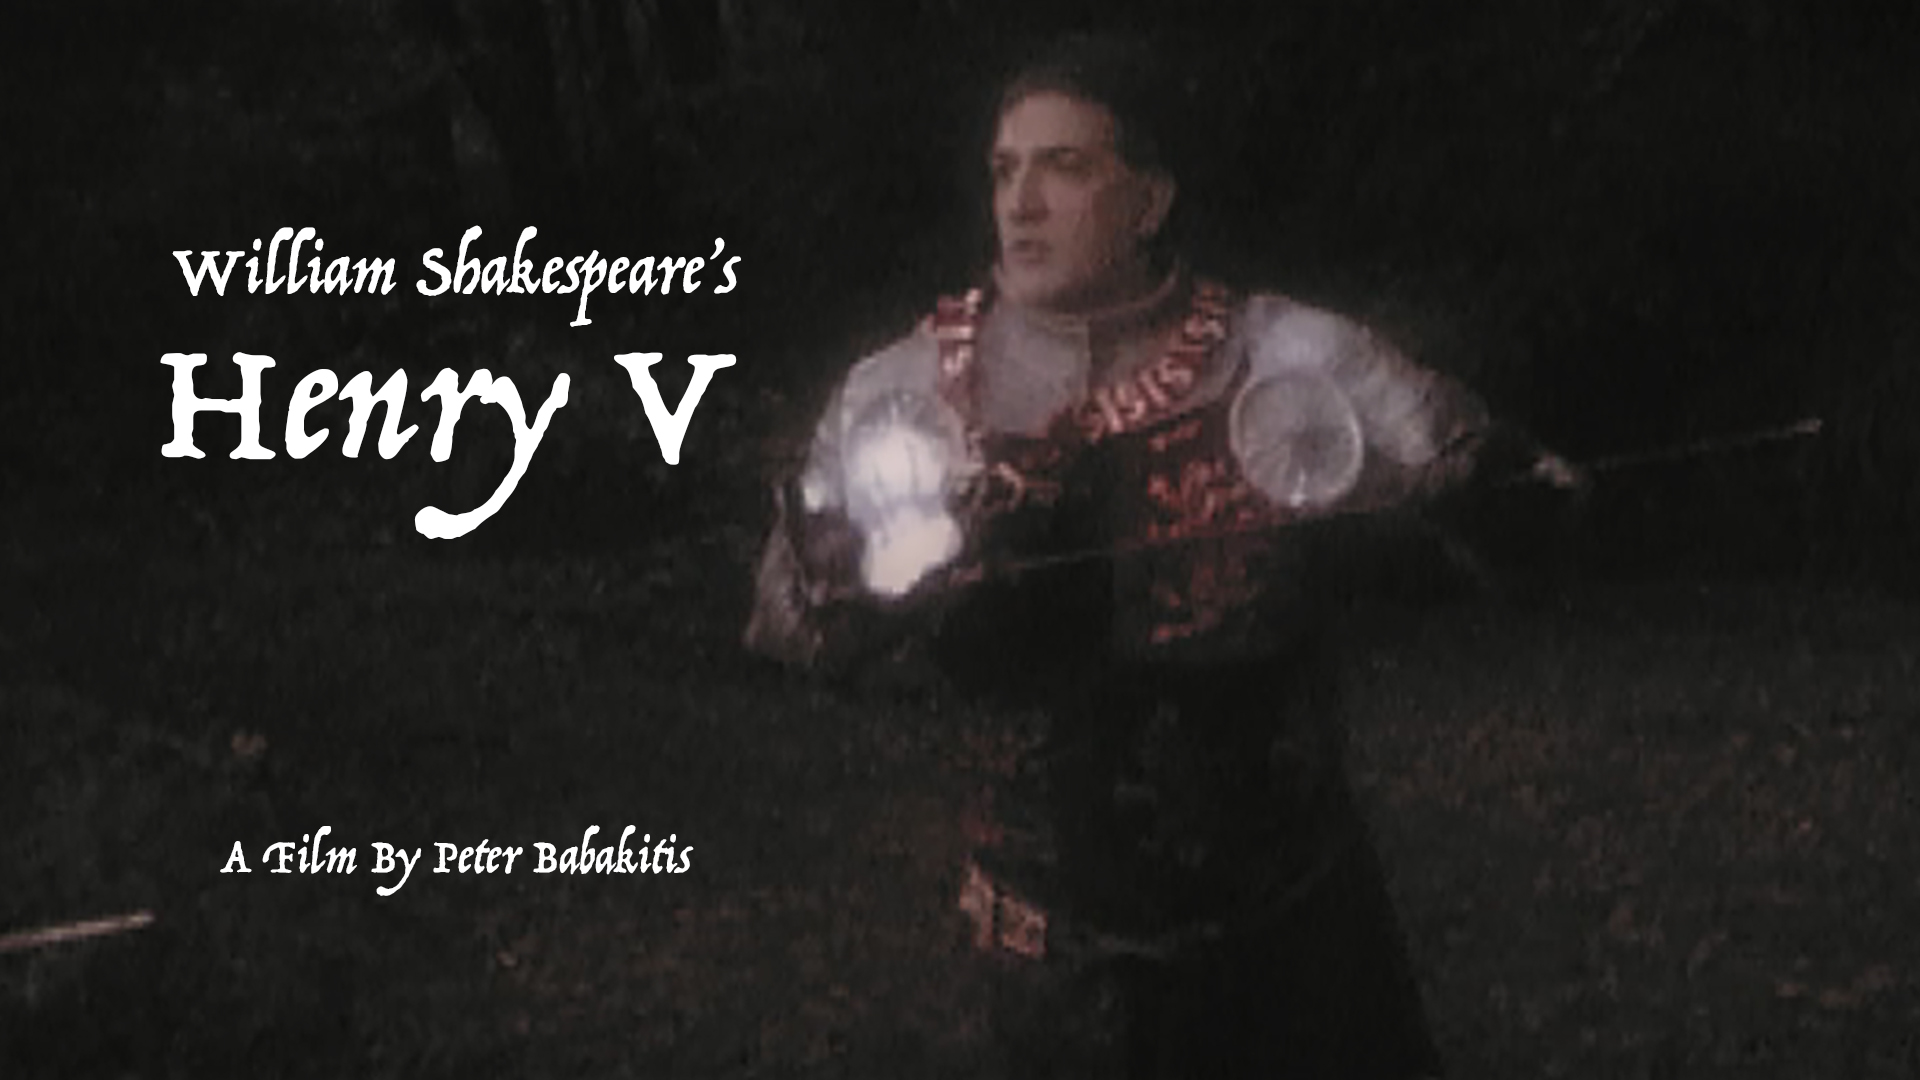 William Shakespeare's Henry V